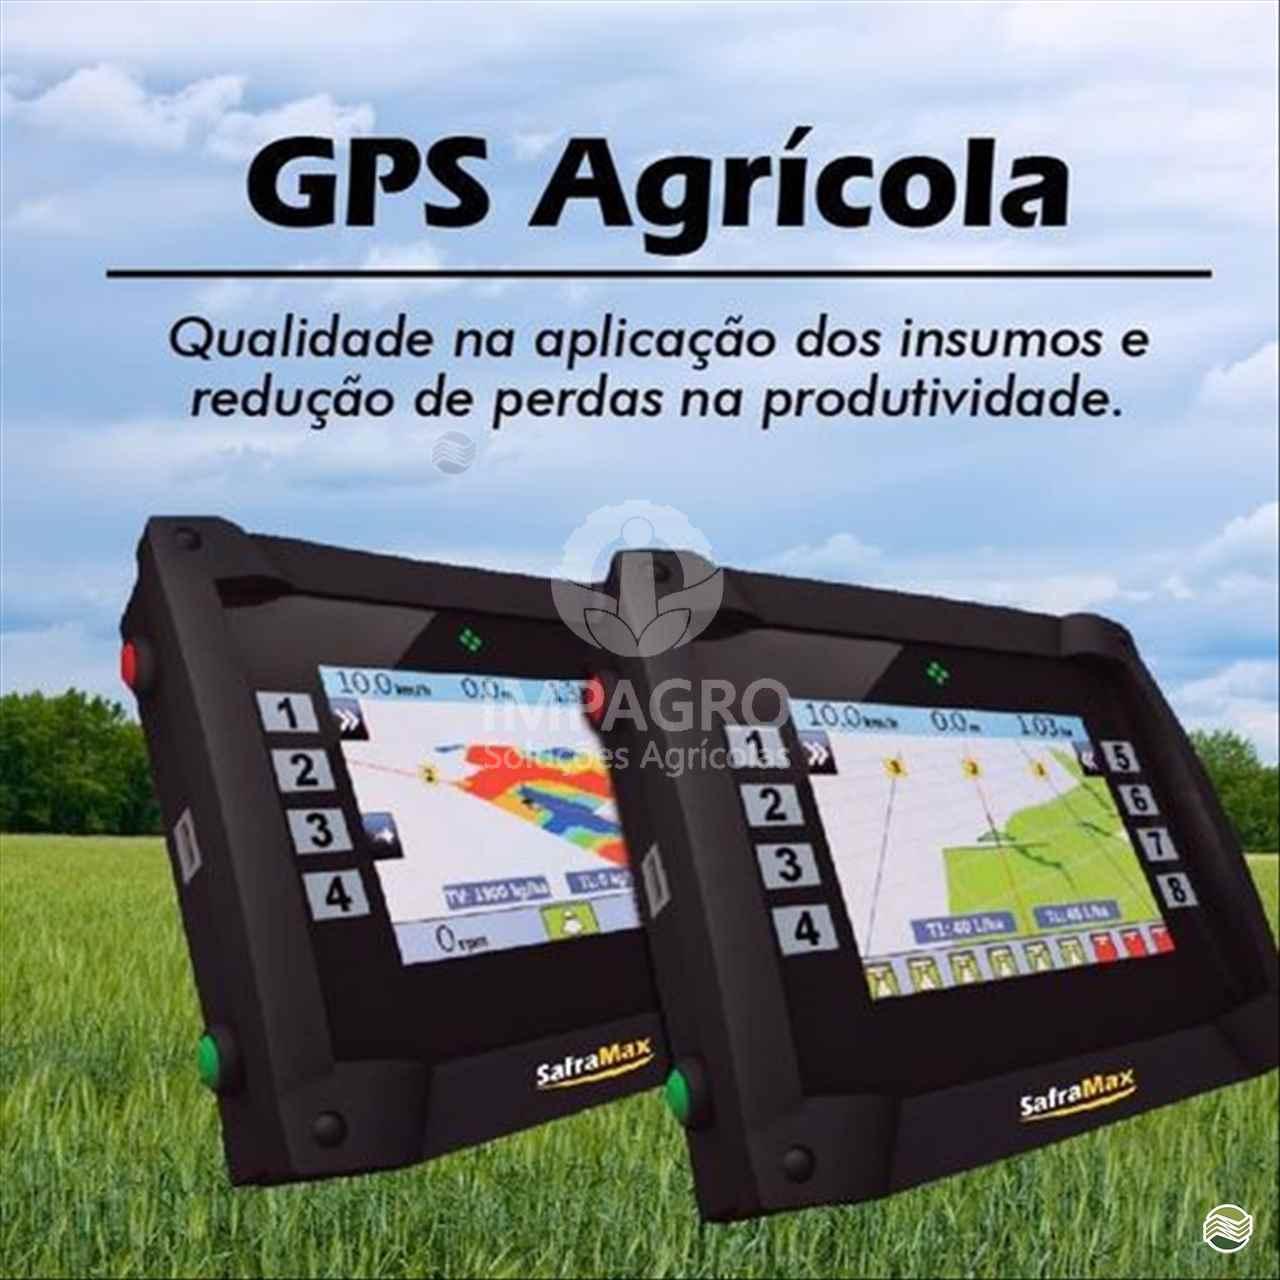 EQUIPAMENTOS AGRICULTURA DE PRECISÃO AGRES AGRONAVE 30 Impagro Soluções Agrícolas AJURICABA RIO GRANDE DO SUL RS